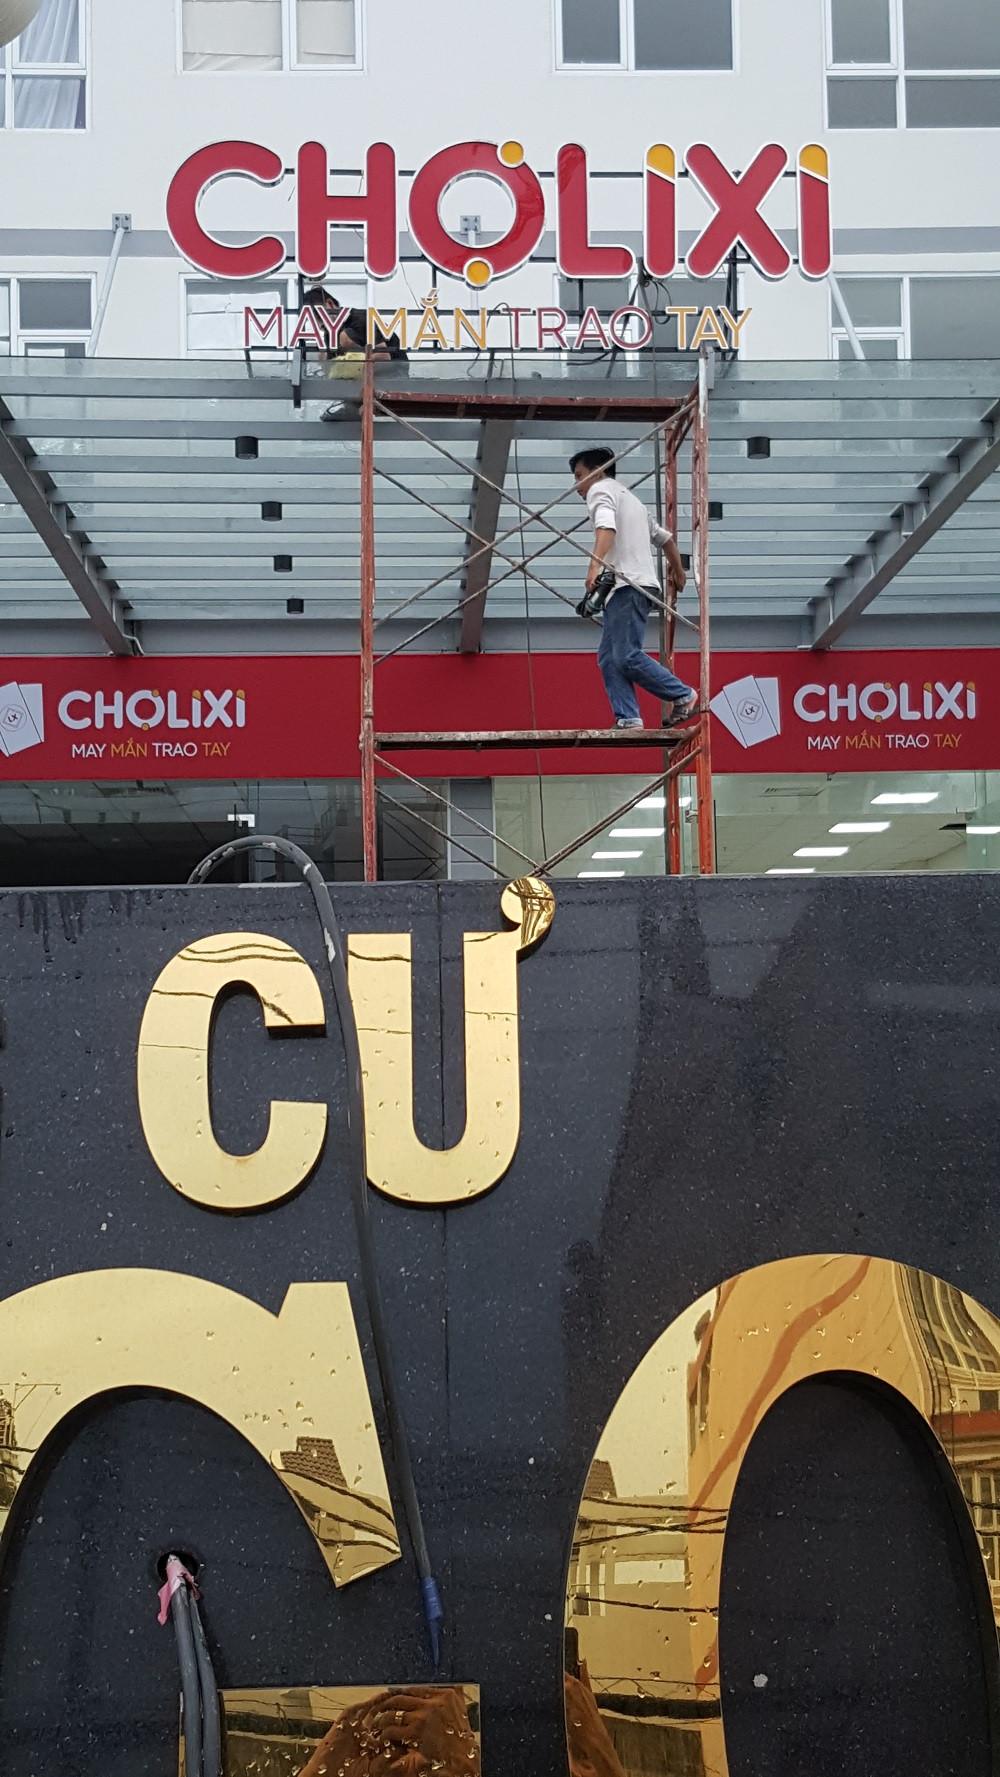 Thi công làm bảng hiệu chữ nổi cho trung tâm thương mại lớn TPHCM - Bảng hiệu chữ inox chung cư